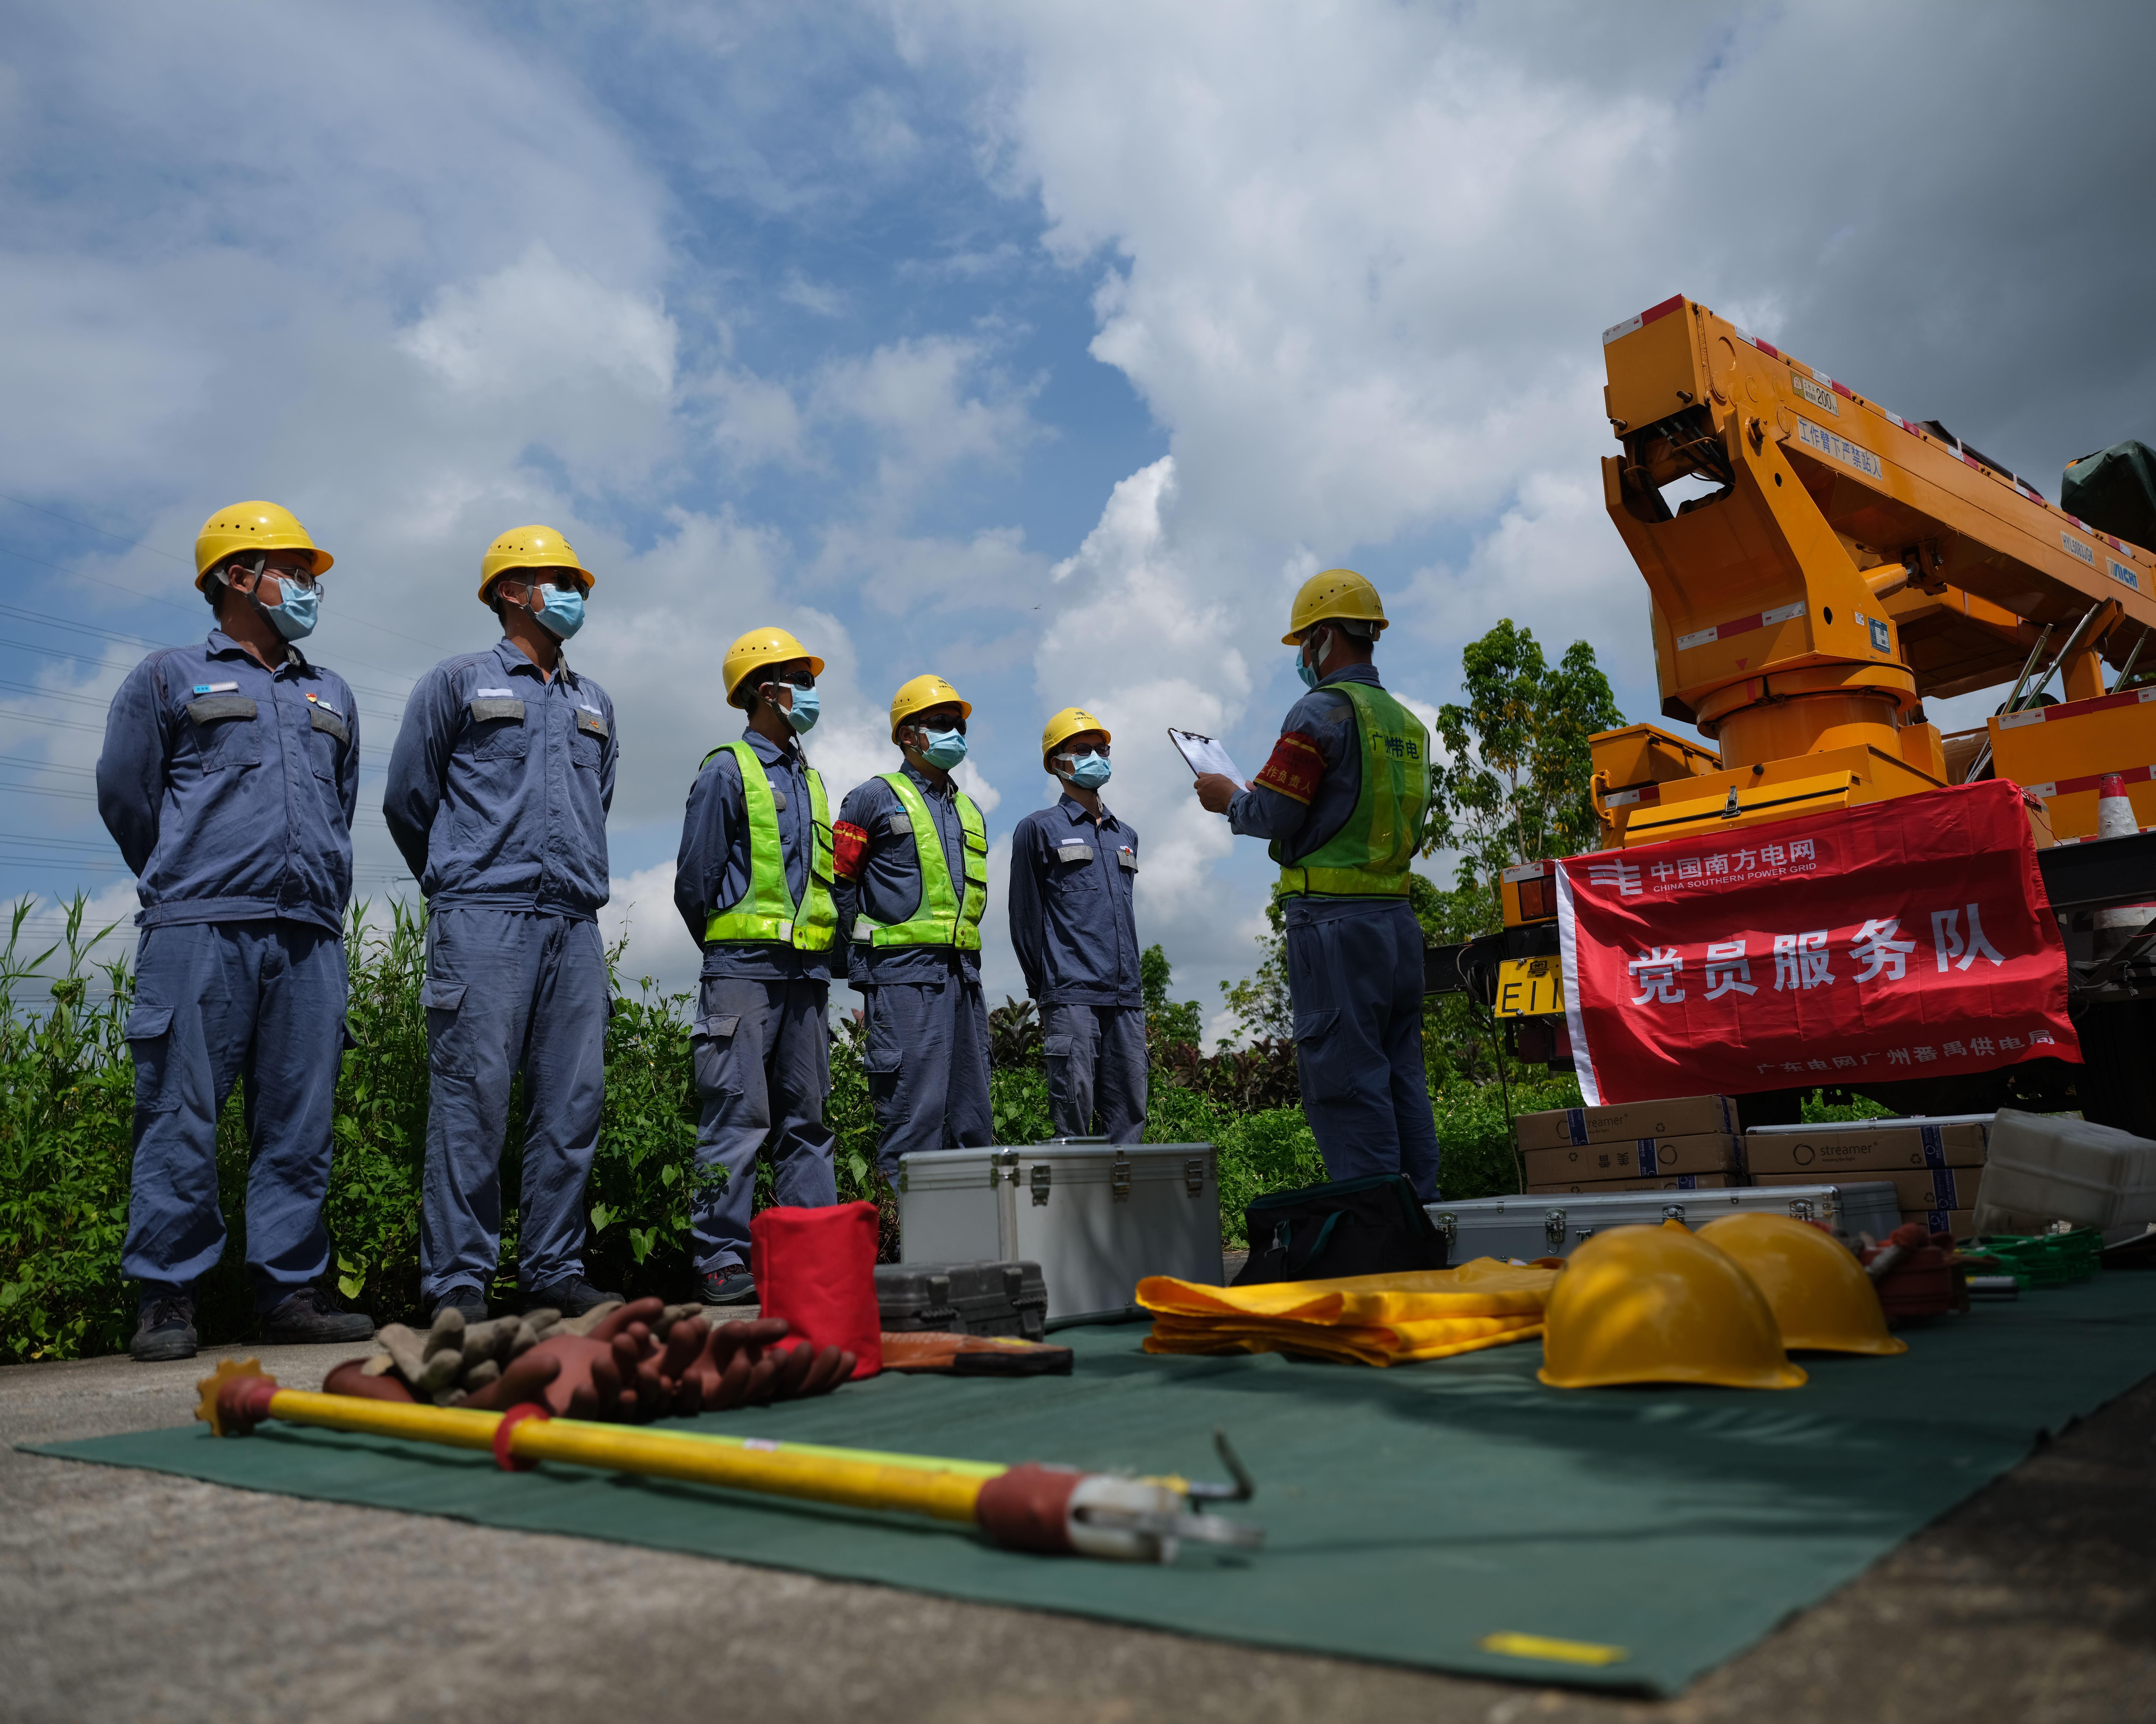 南方电网广东广州番禺供电局工作人员开展带电作业准备,保障电网安全可靠供电。